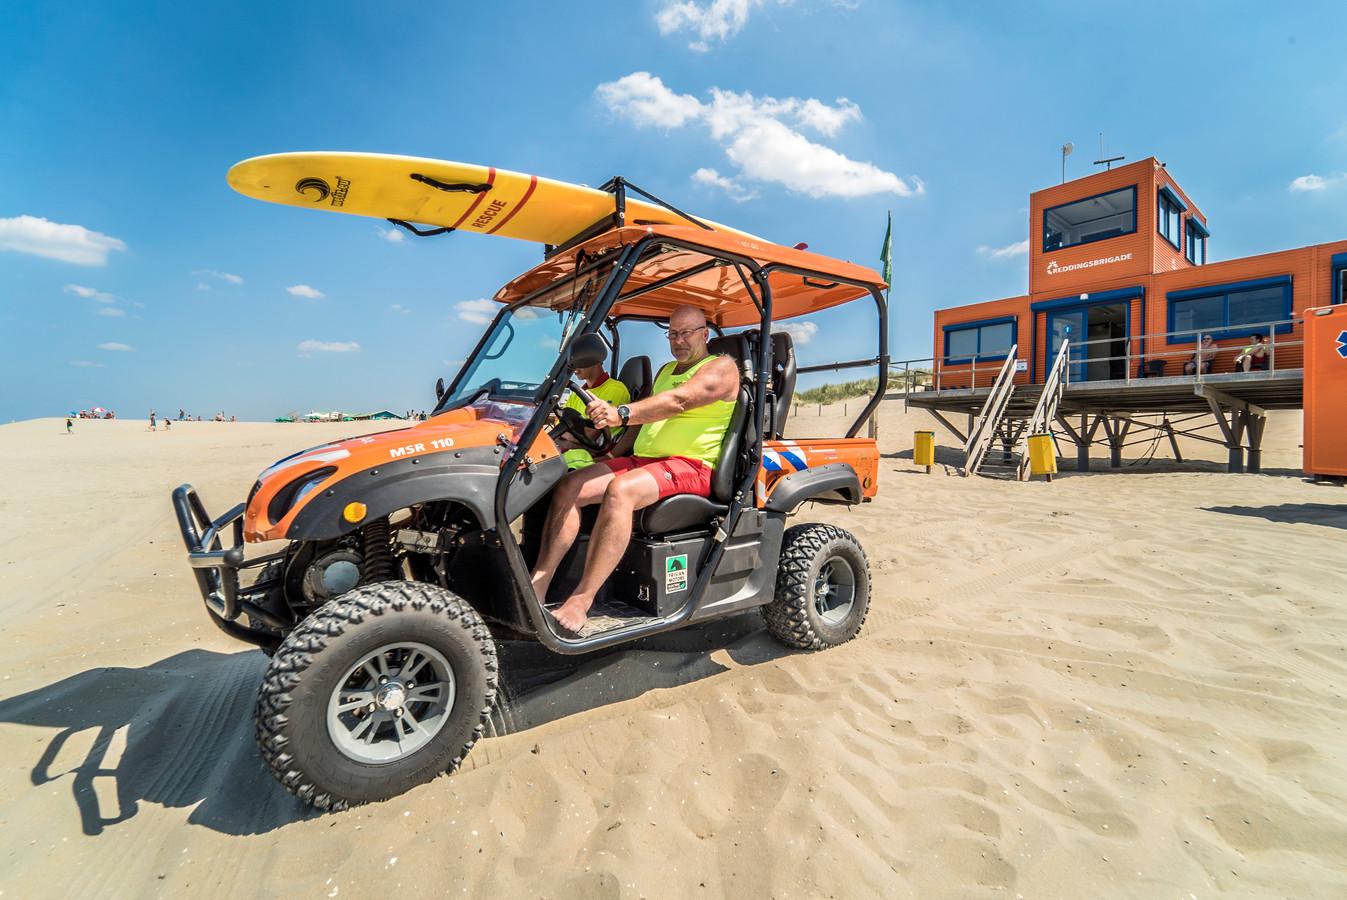 Devrijwilligers van de reddingsbrigade zijn weer paraat voor strandgangers bij Ter Heijde en Monster